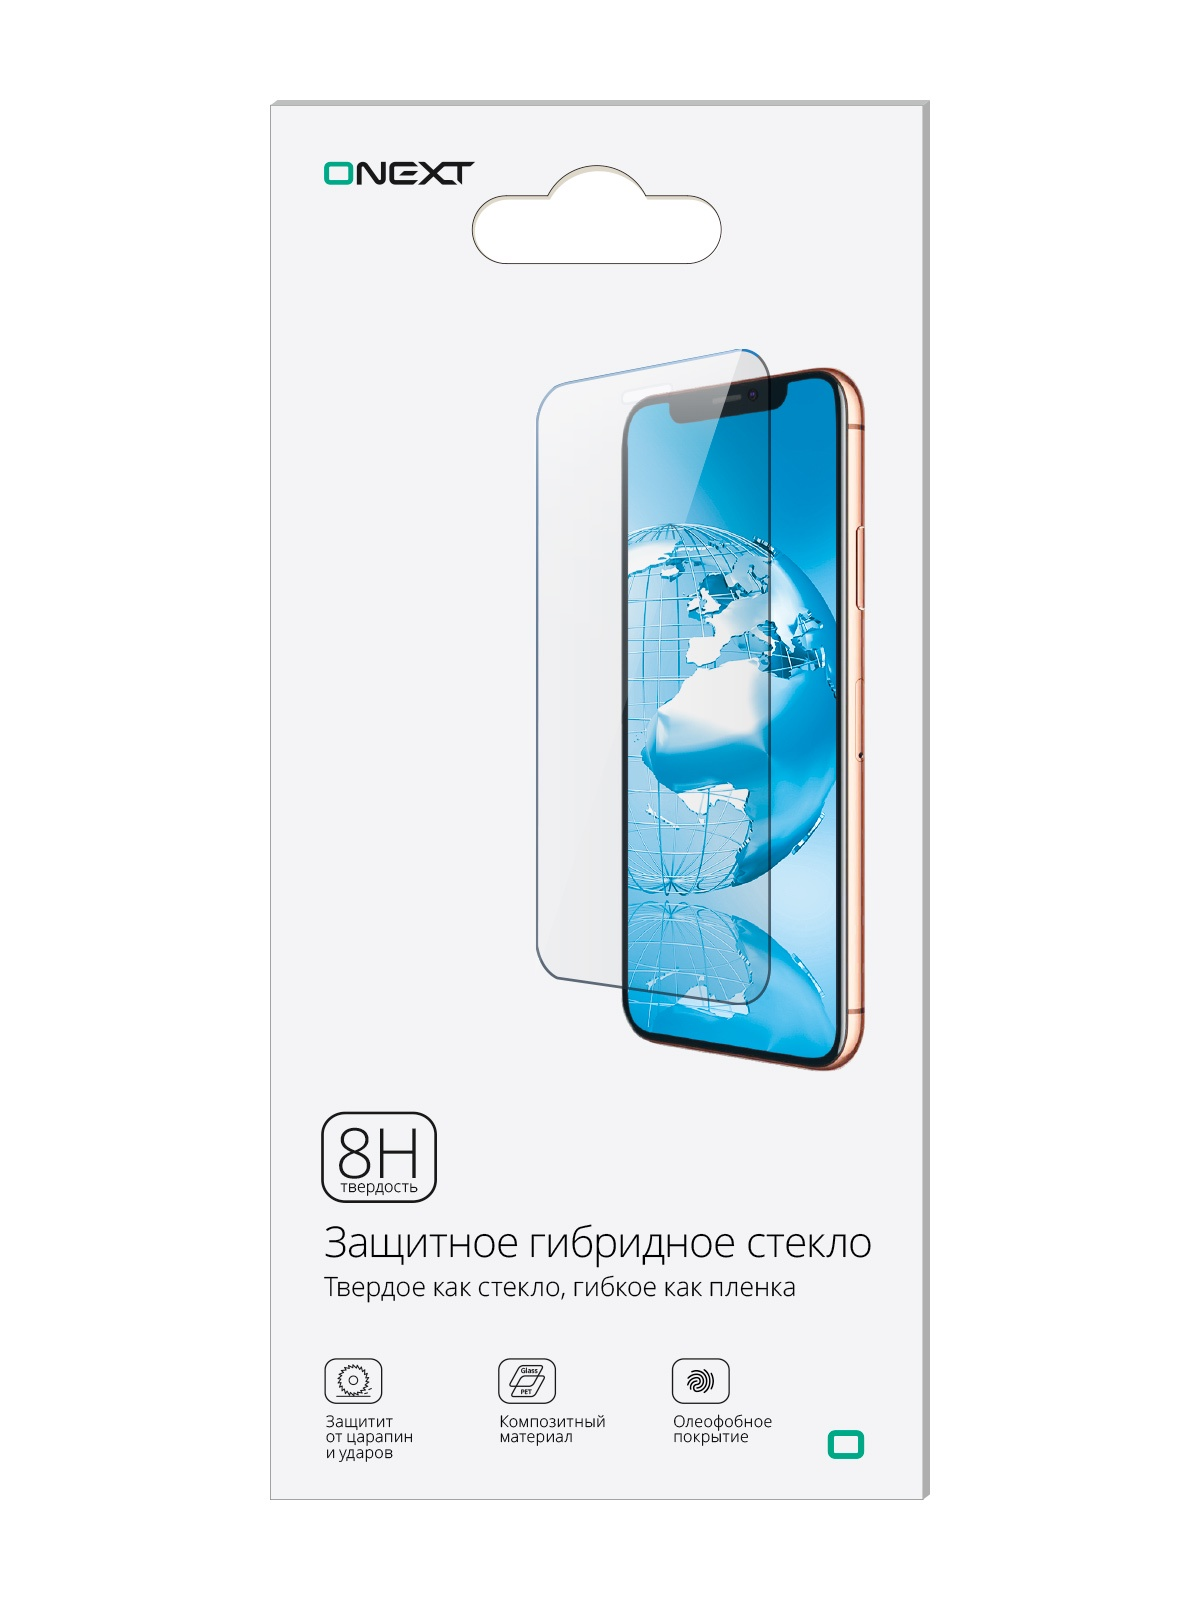 Защитное стекло ONEXT Huawei Honor 10 защитное стекло onext для huawei honor 9 lite 641 41661 с рамкой черный